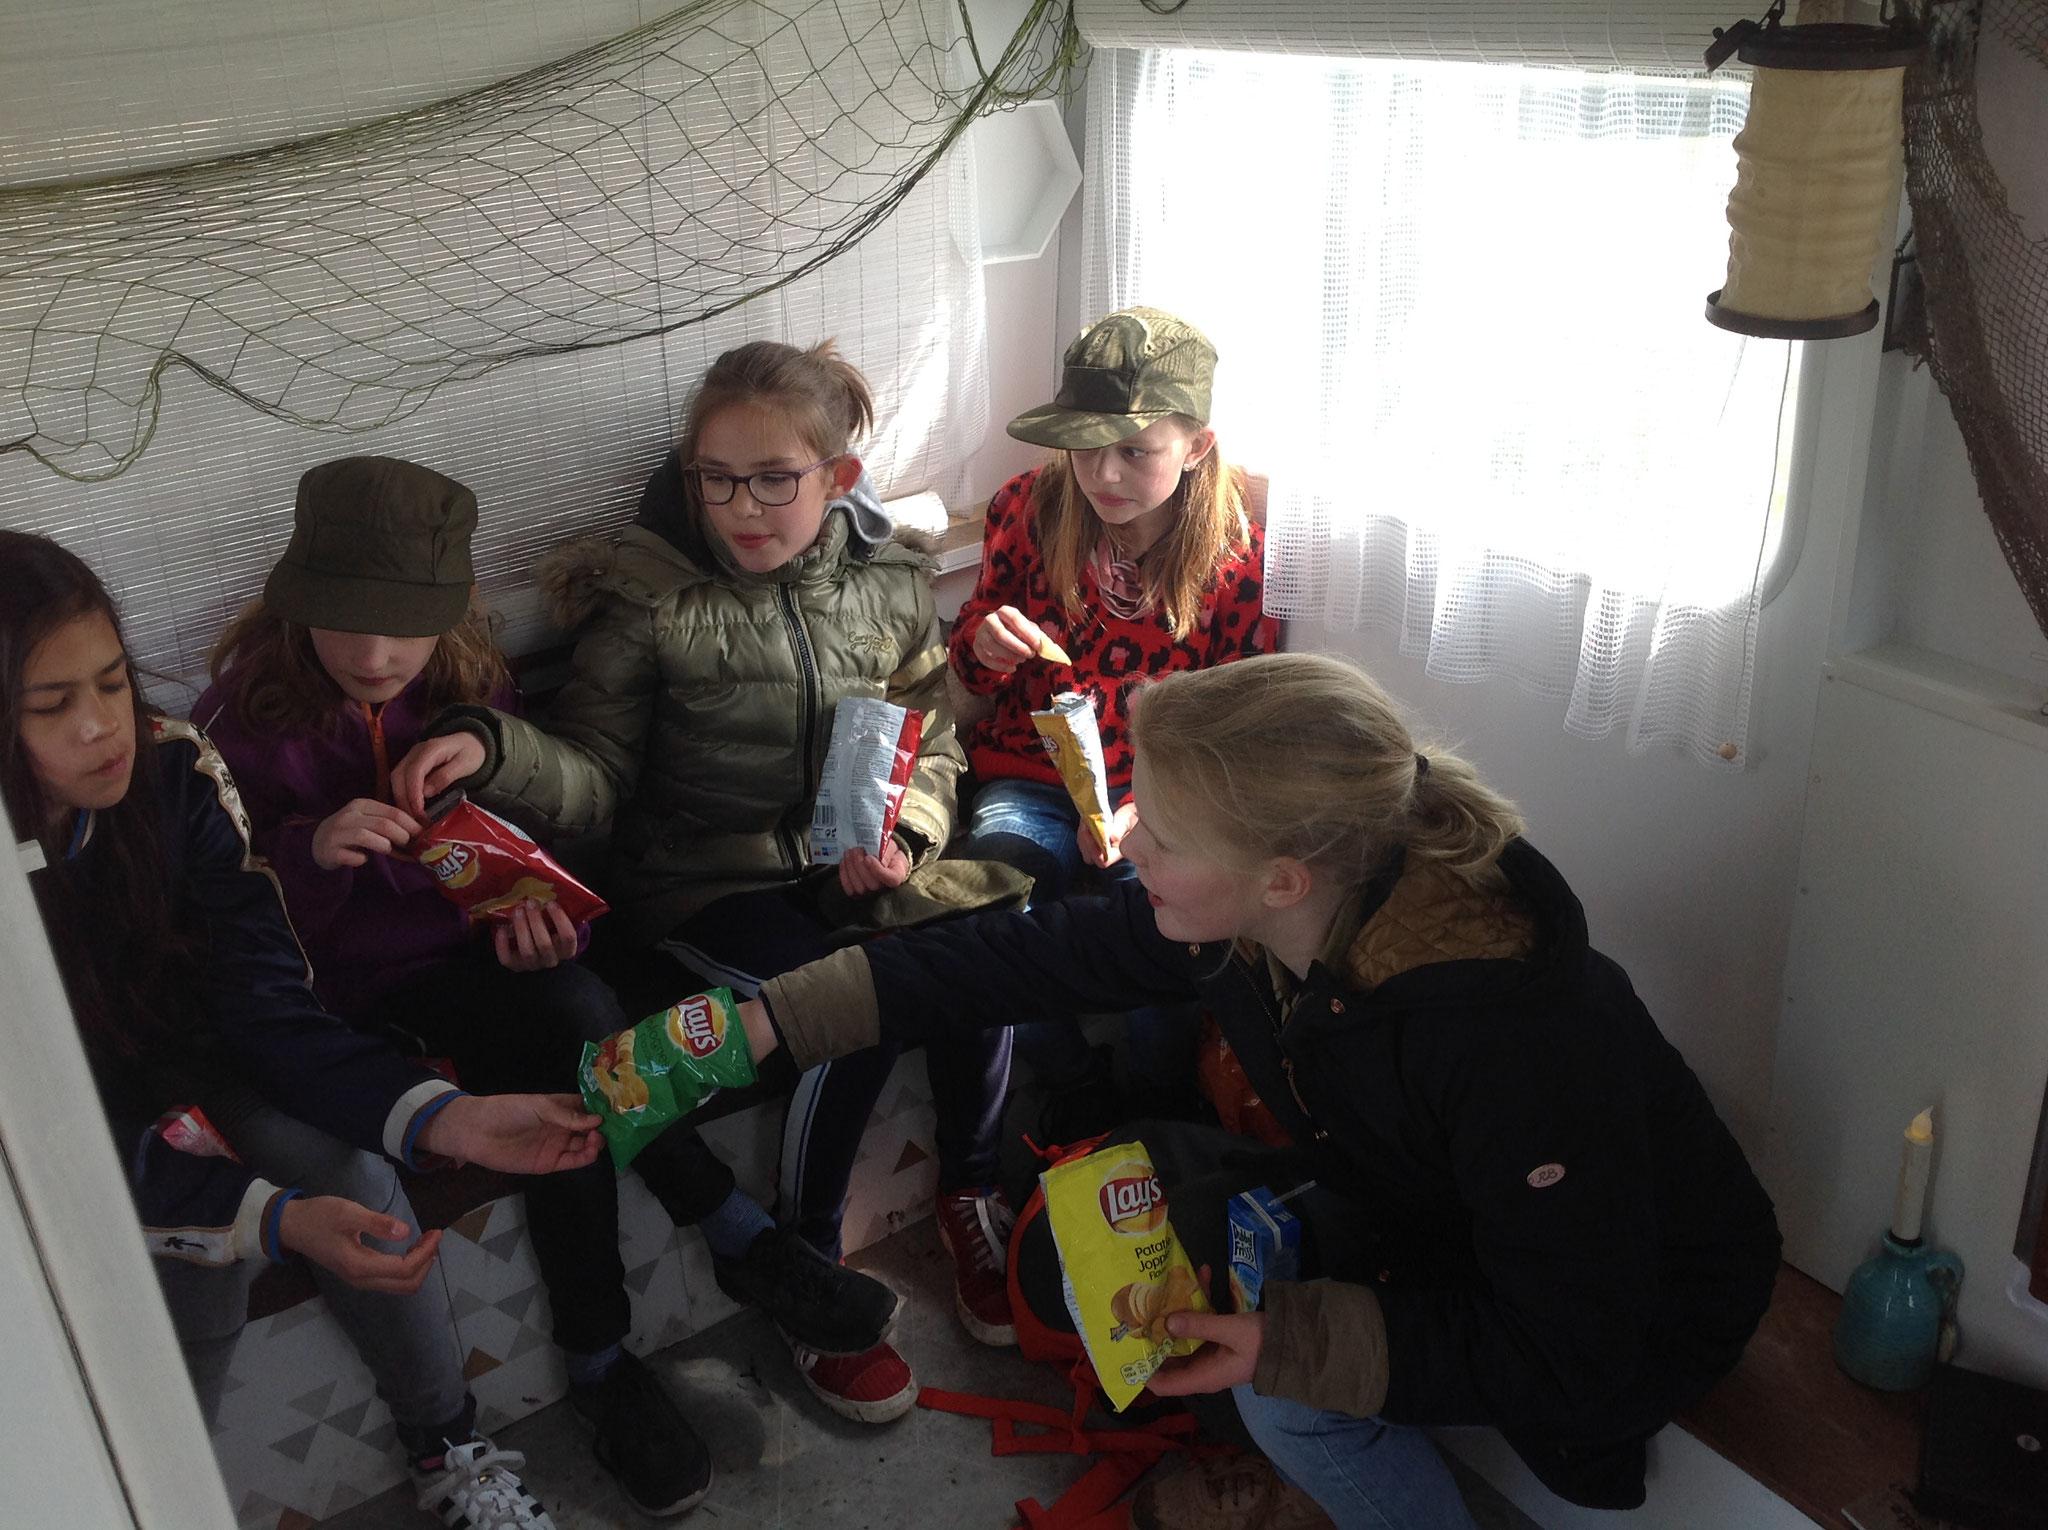 Bij slecht weer pauze in de caravan